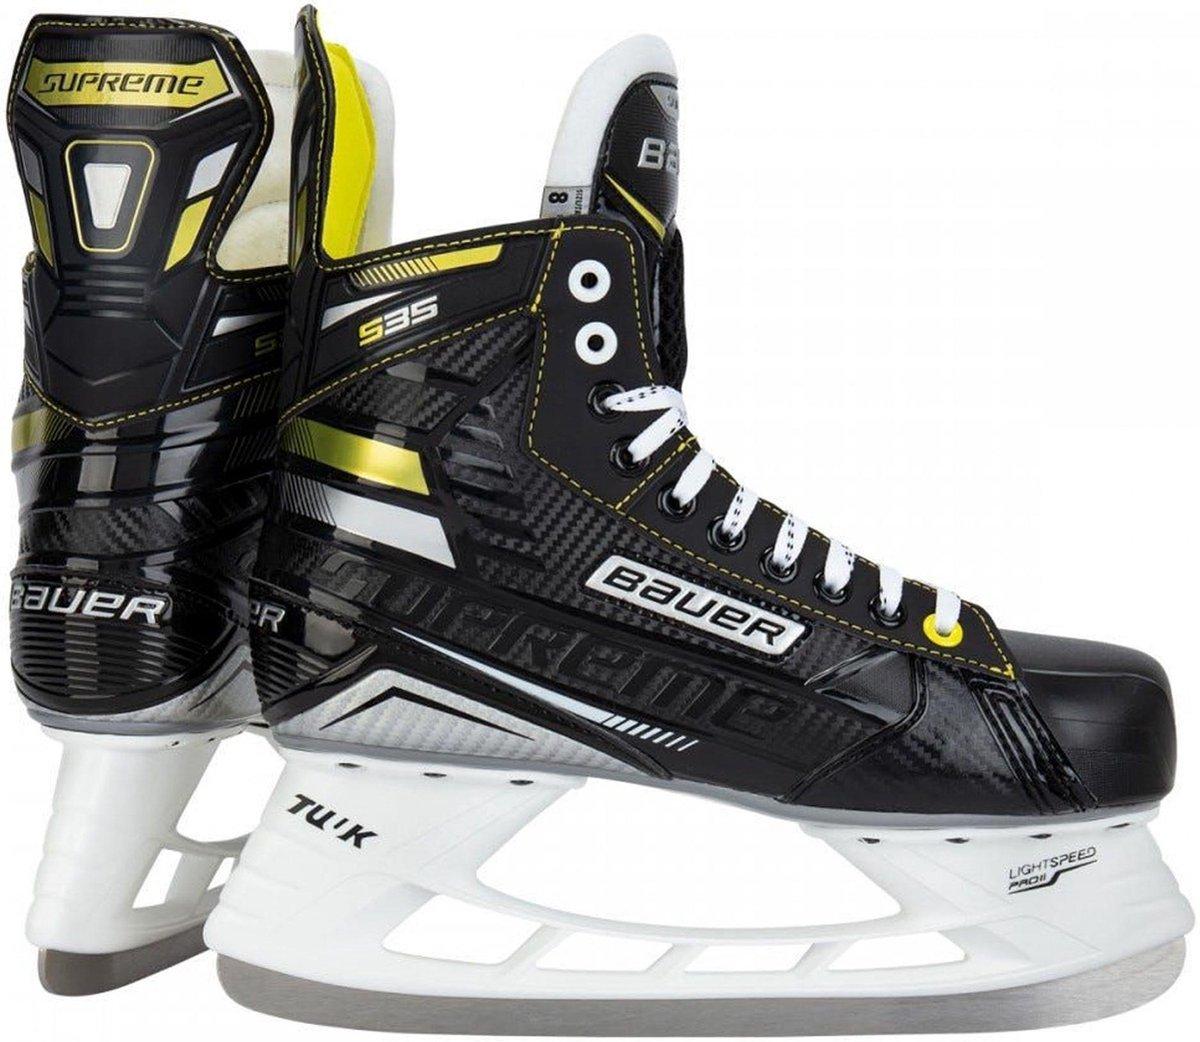 Bauer Schaatsen - Maat 39 - Unisex - zwart/geel/wit